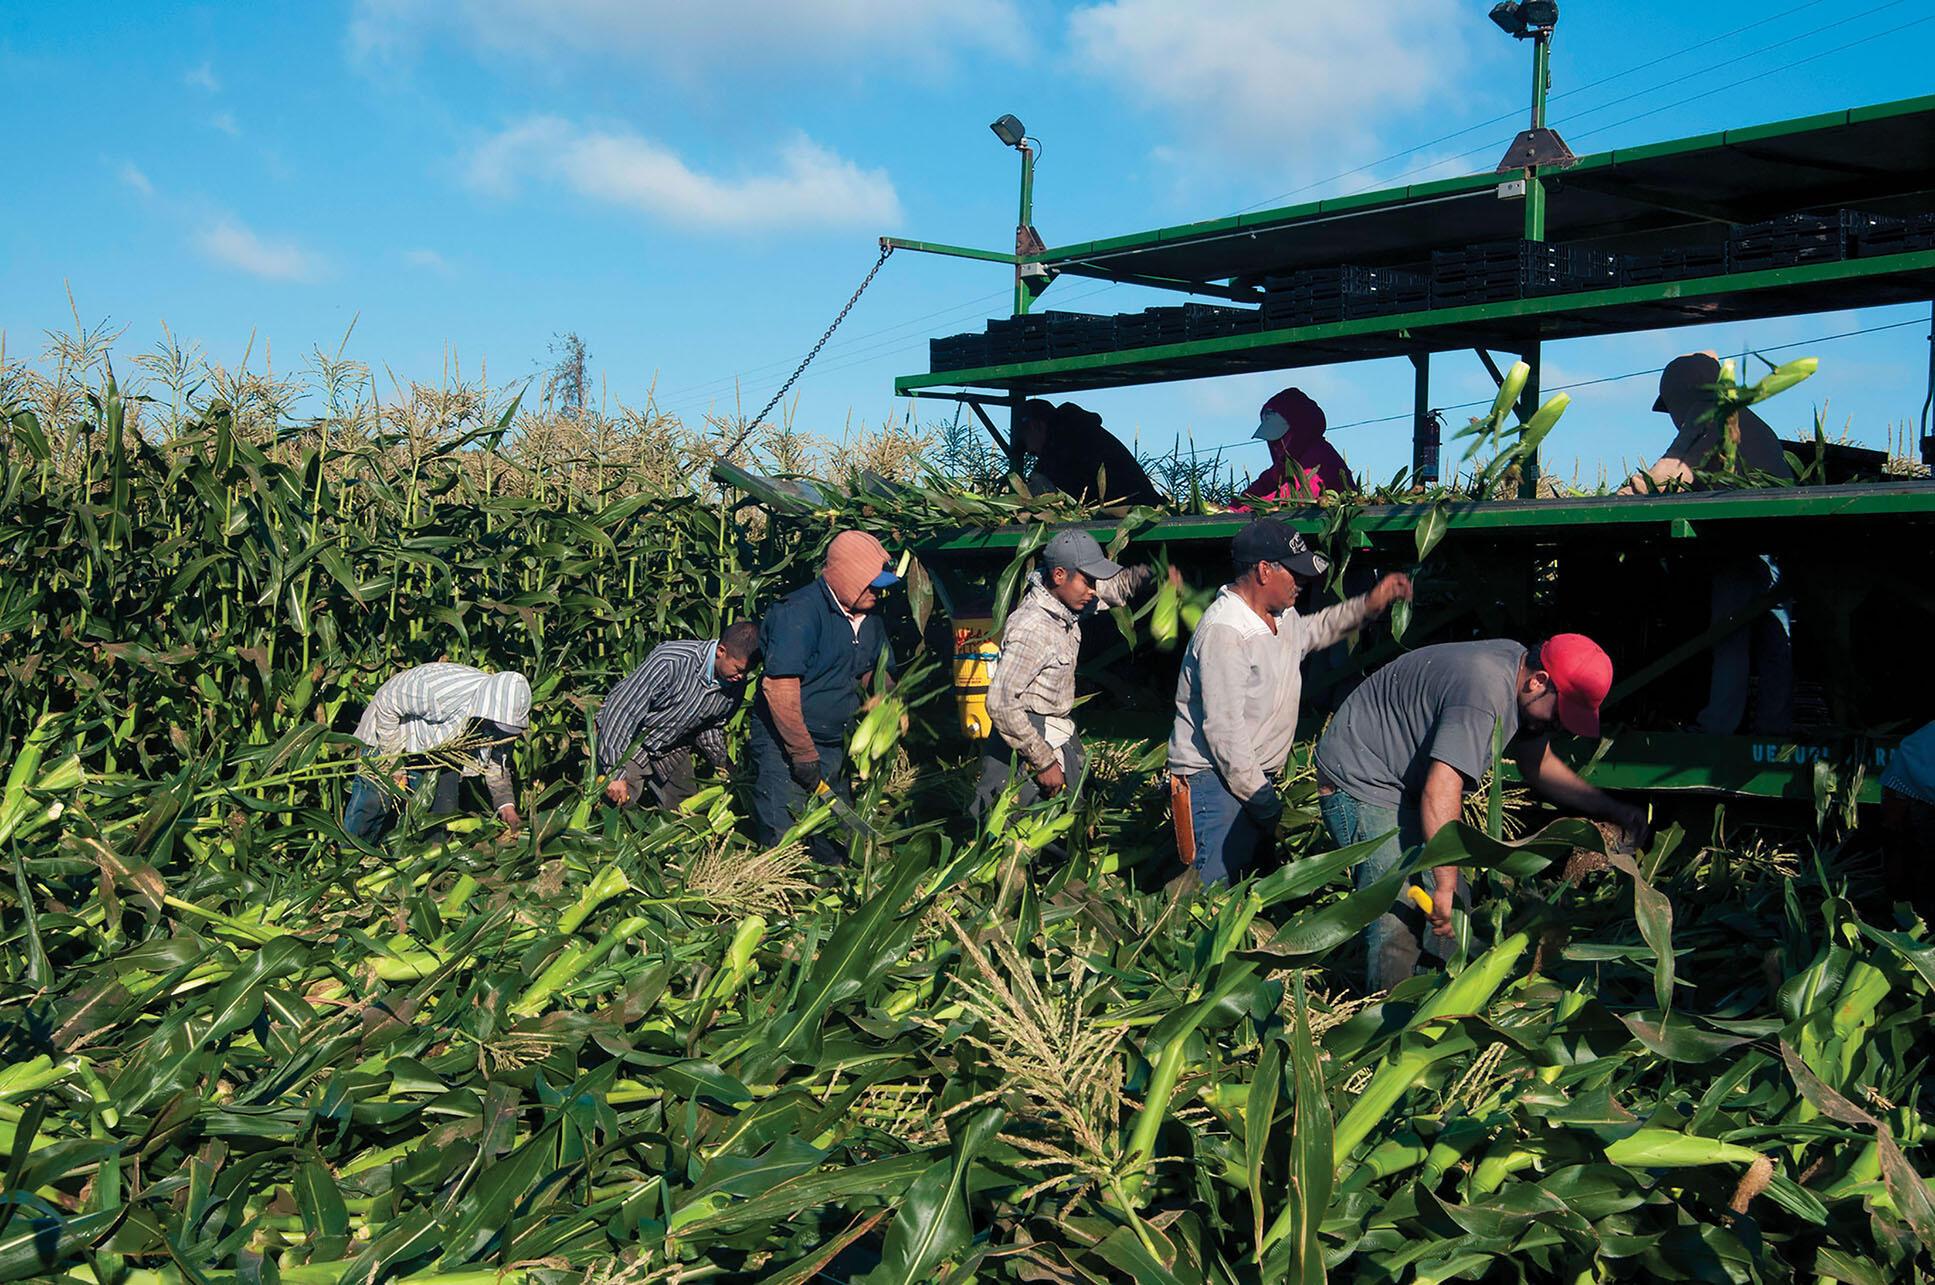 Trabajadores migrantes cosechan maíz en California, 2013. (Foto por Bob Nichols / USDA.)